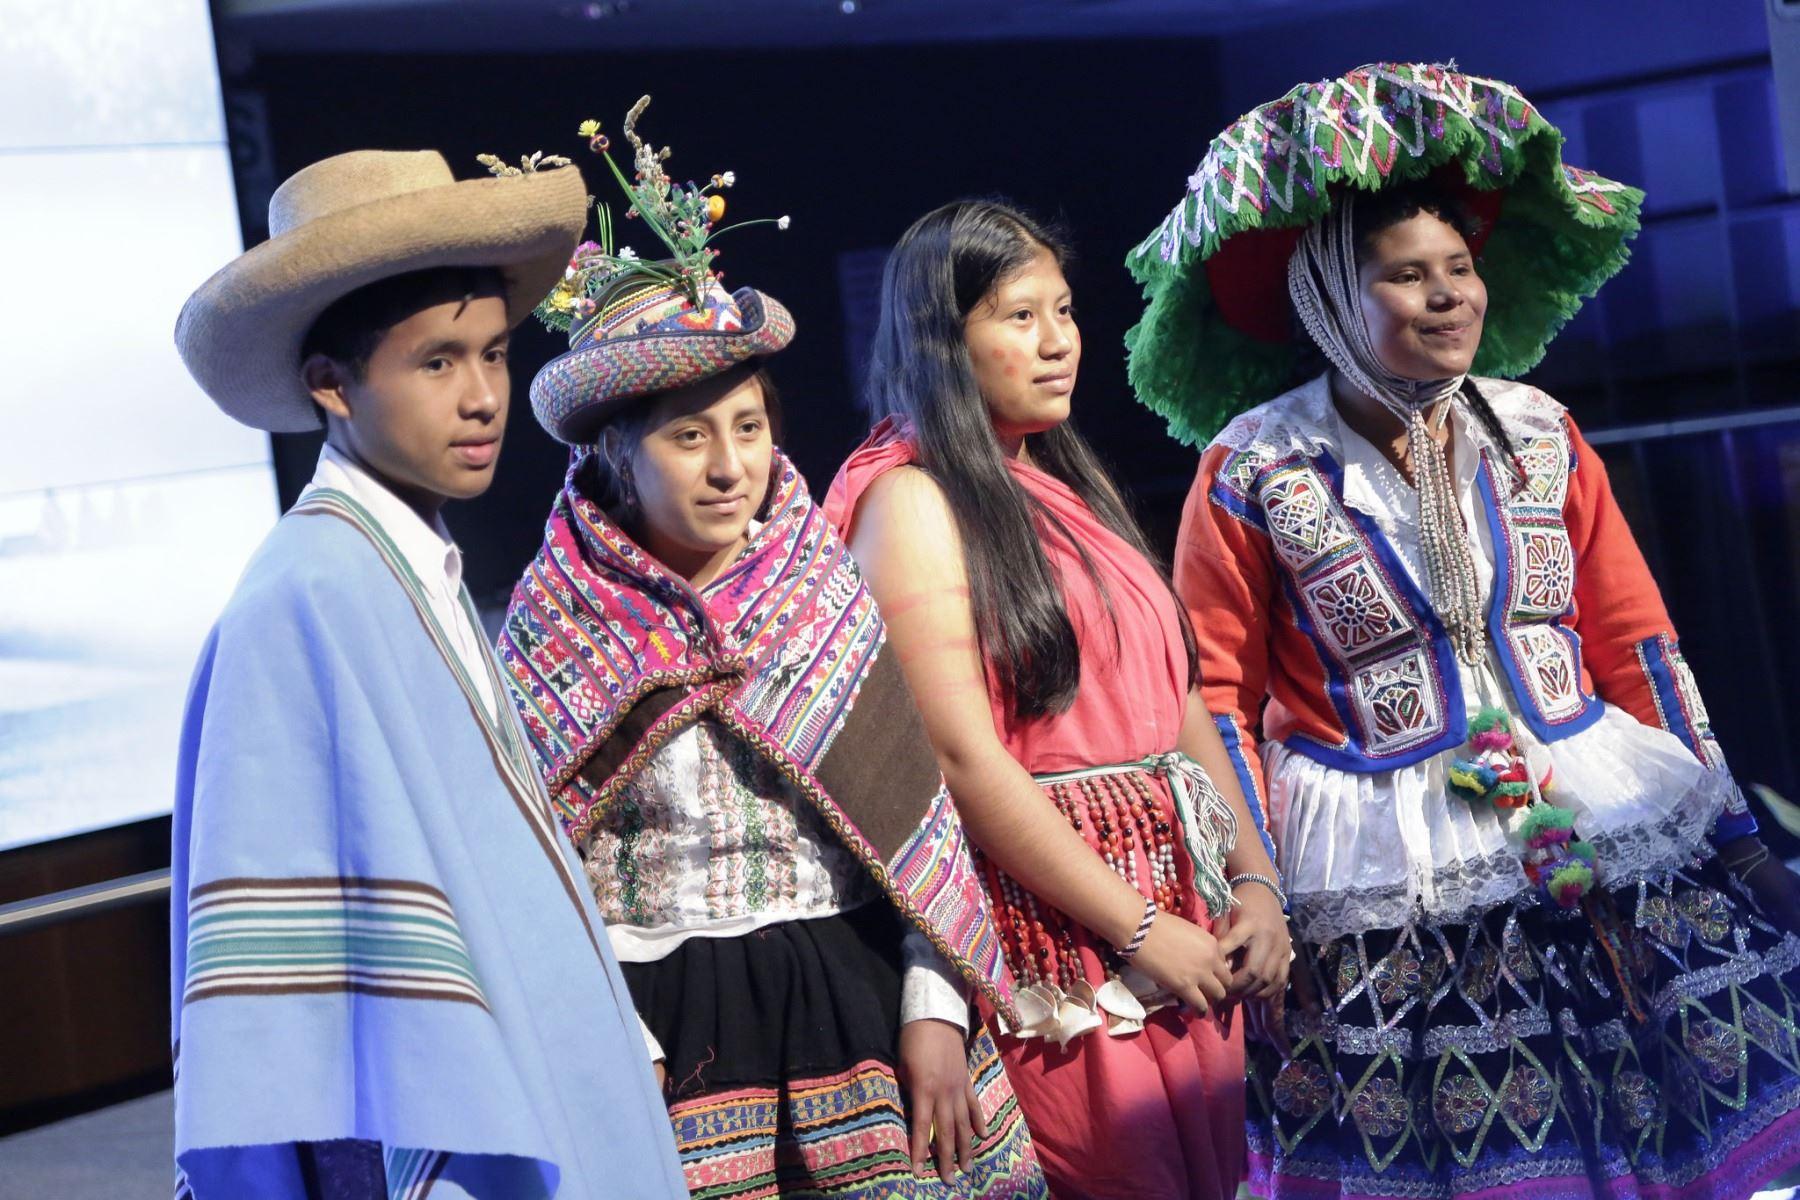 El 30% de la población peruana se autoidentifica como parte de uno de los 55 pueblos indígenas u originarios, según el Censo Nacional de Población 2017. ANDINA/Difusión